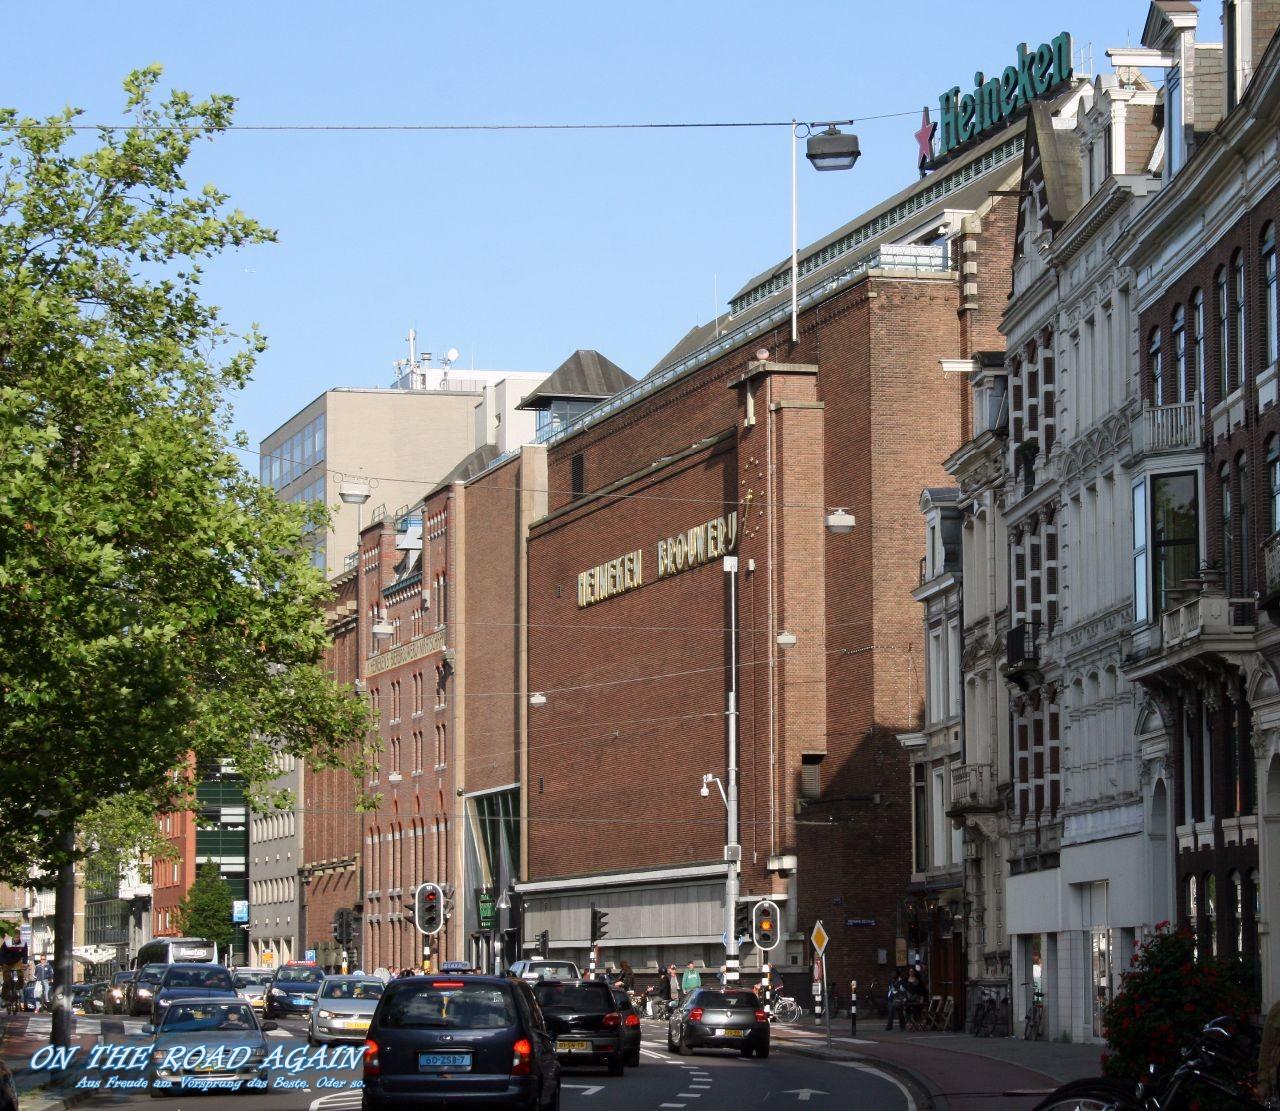 Heineken Browery Amsterdam